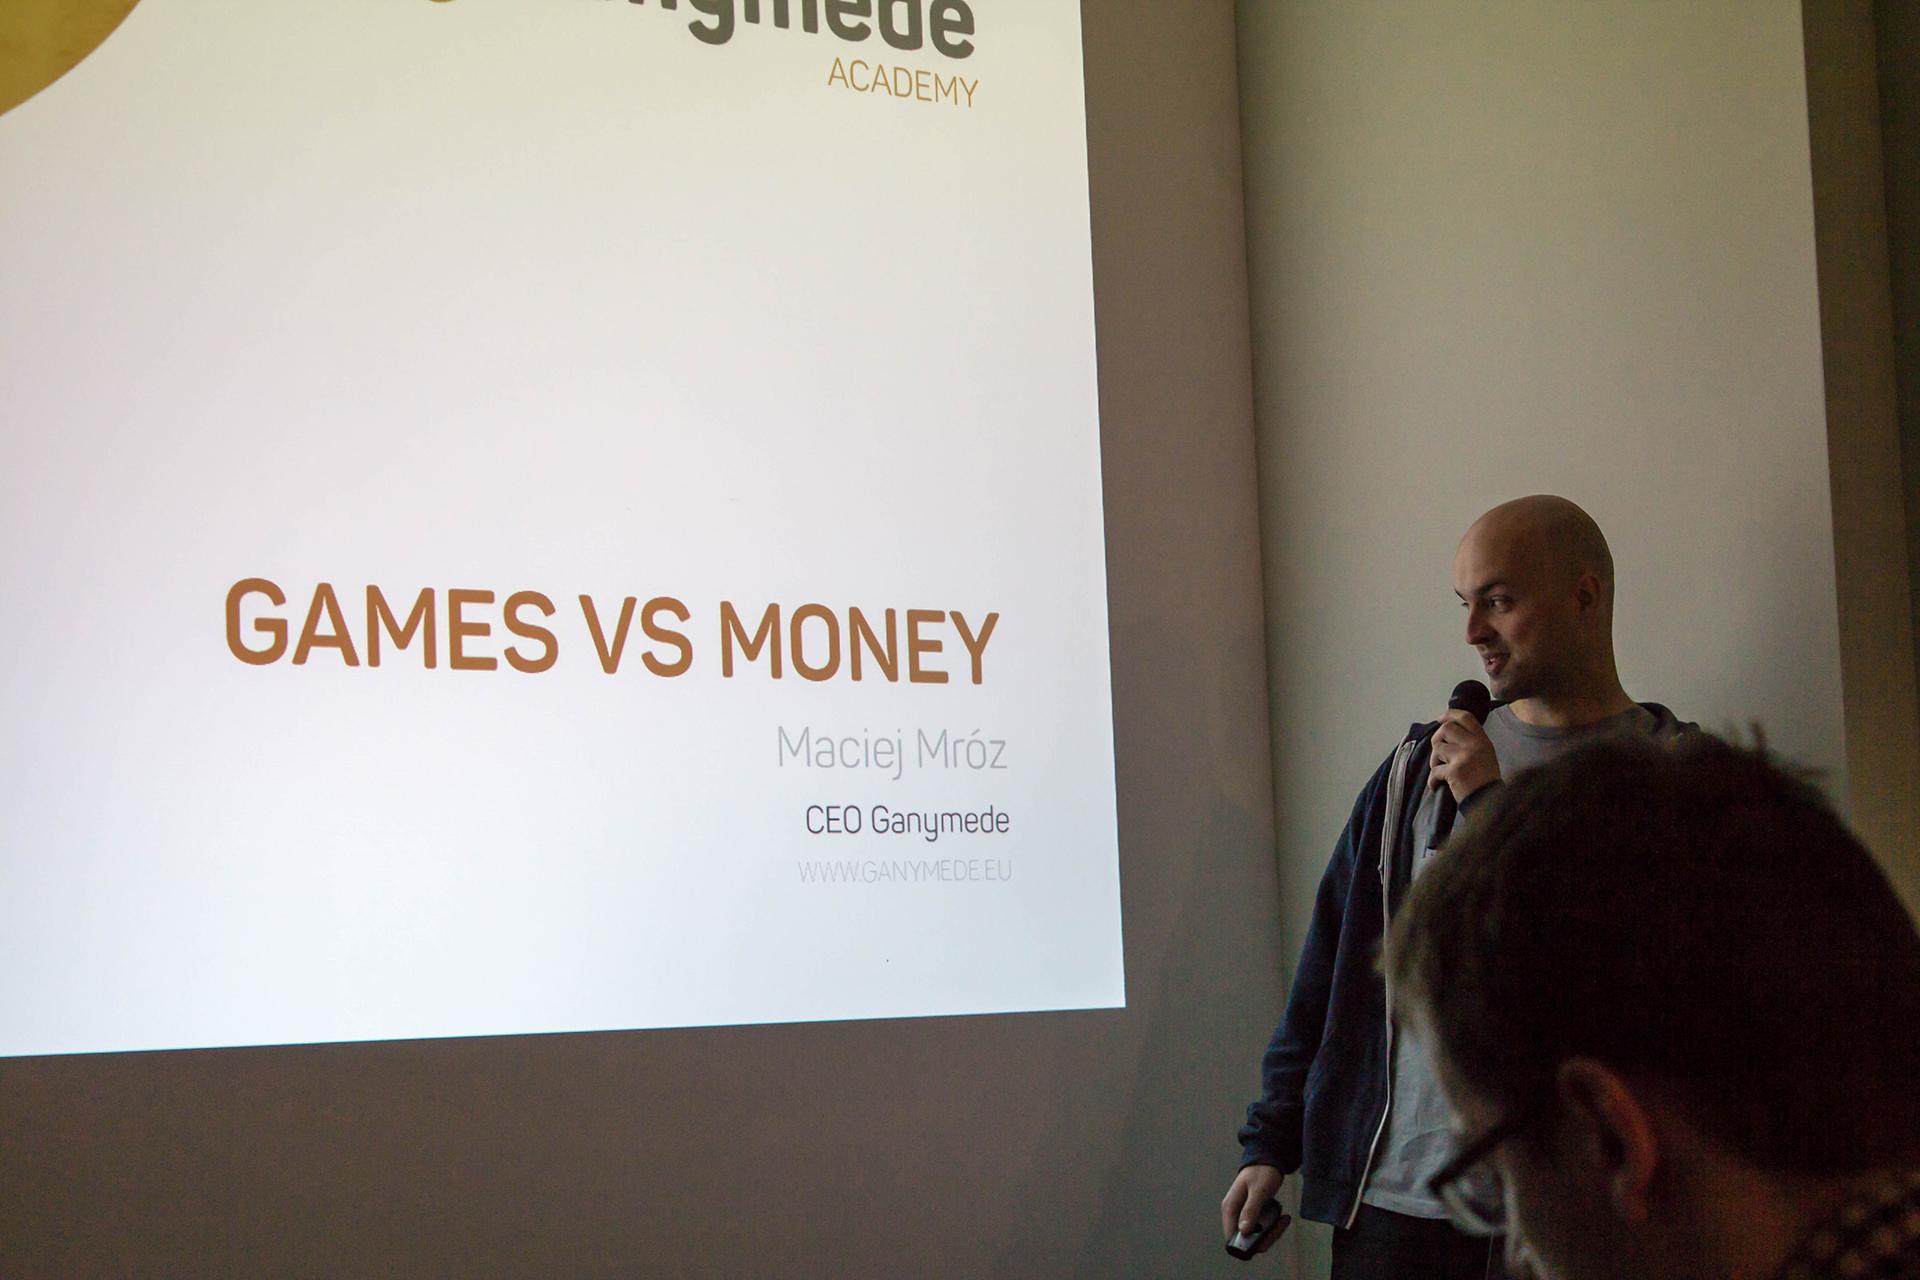 Ganymede Academy: Maciej Mróz